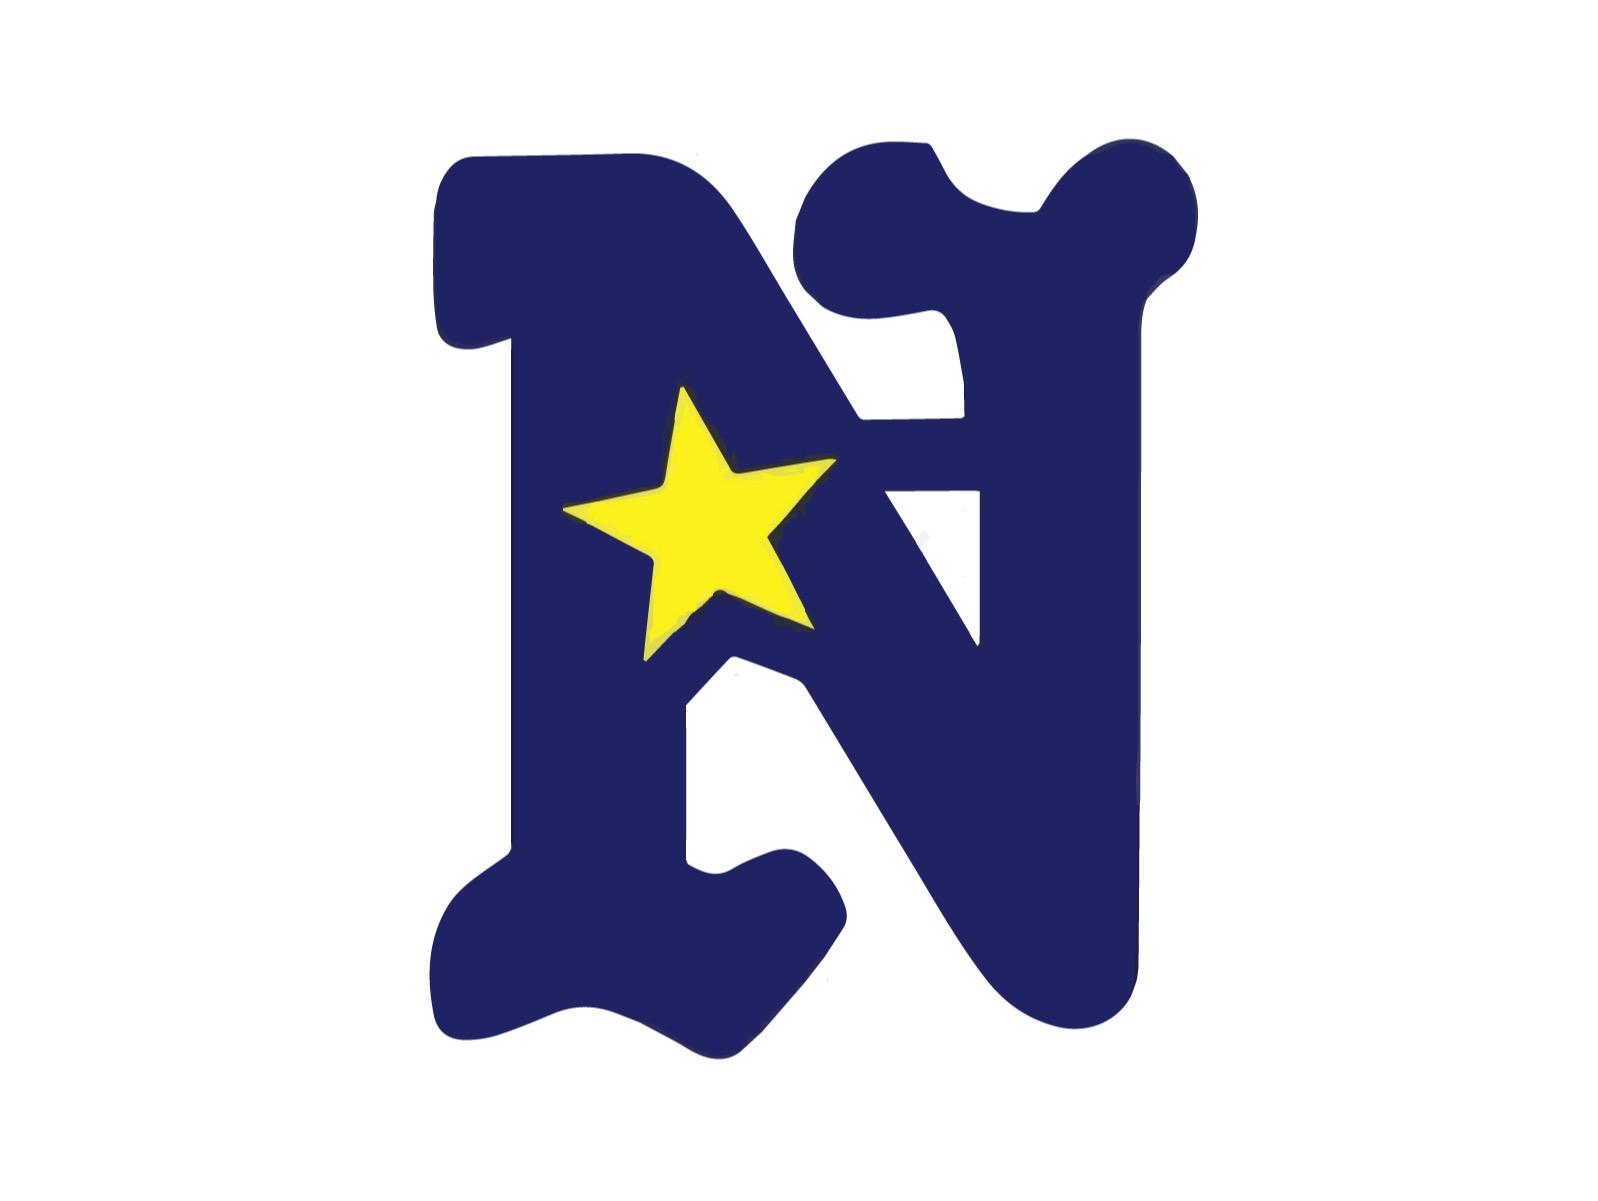 NET flag